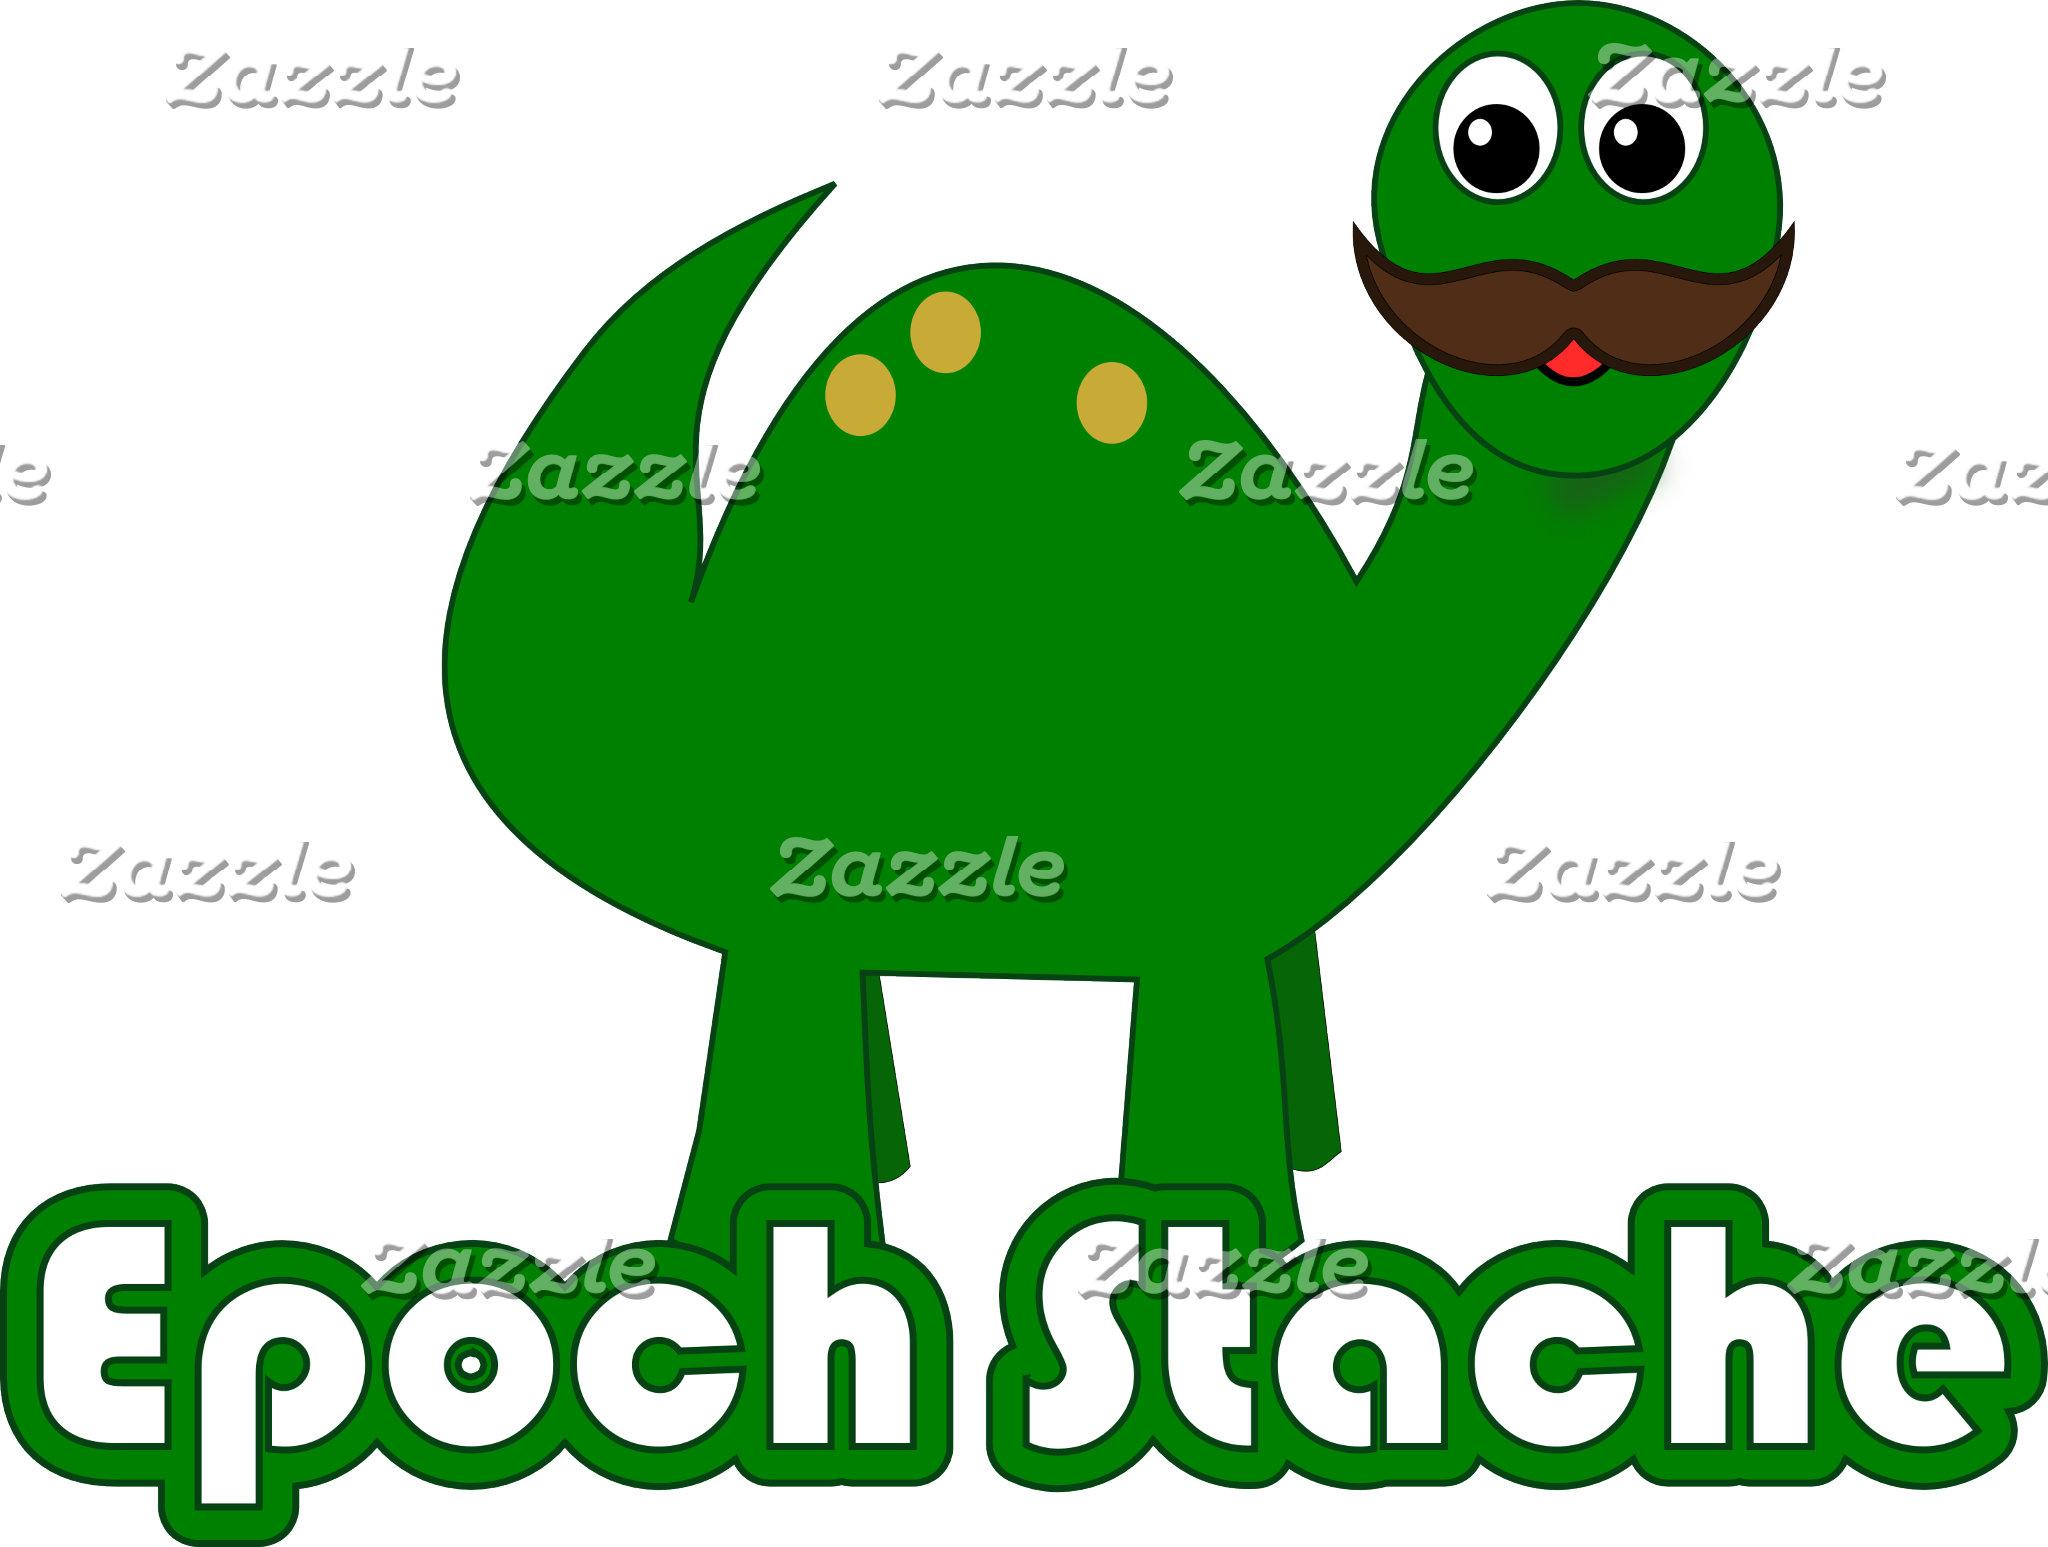 Epoch Stache